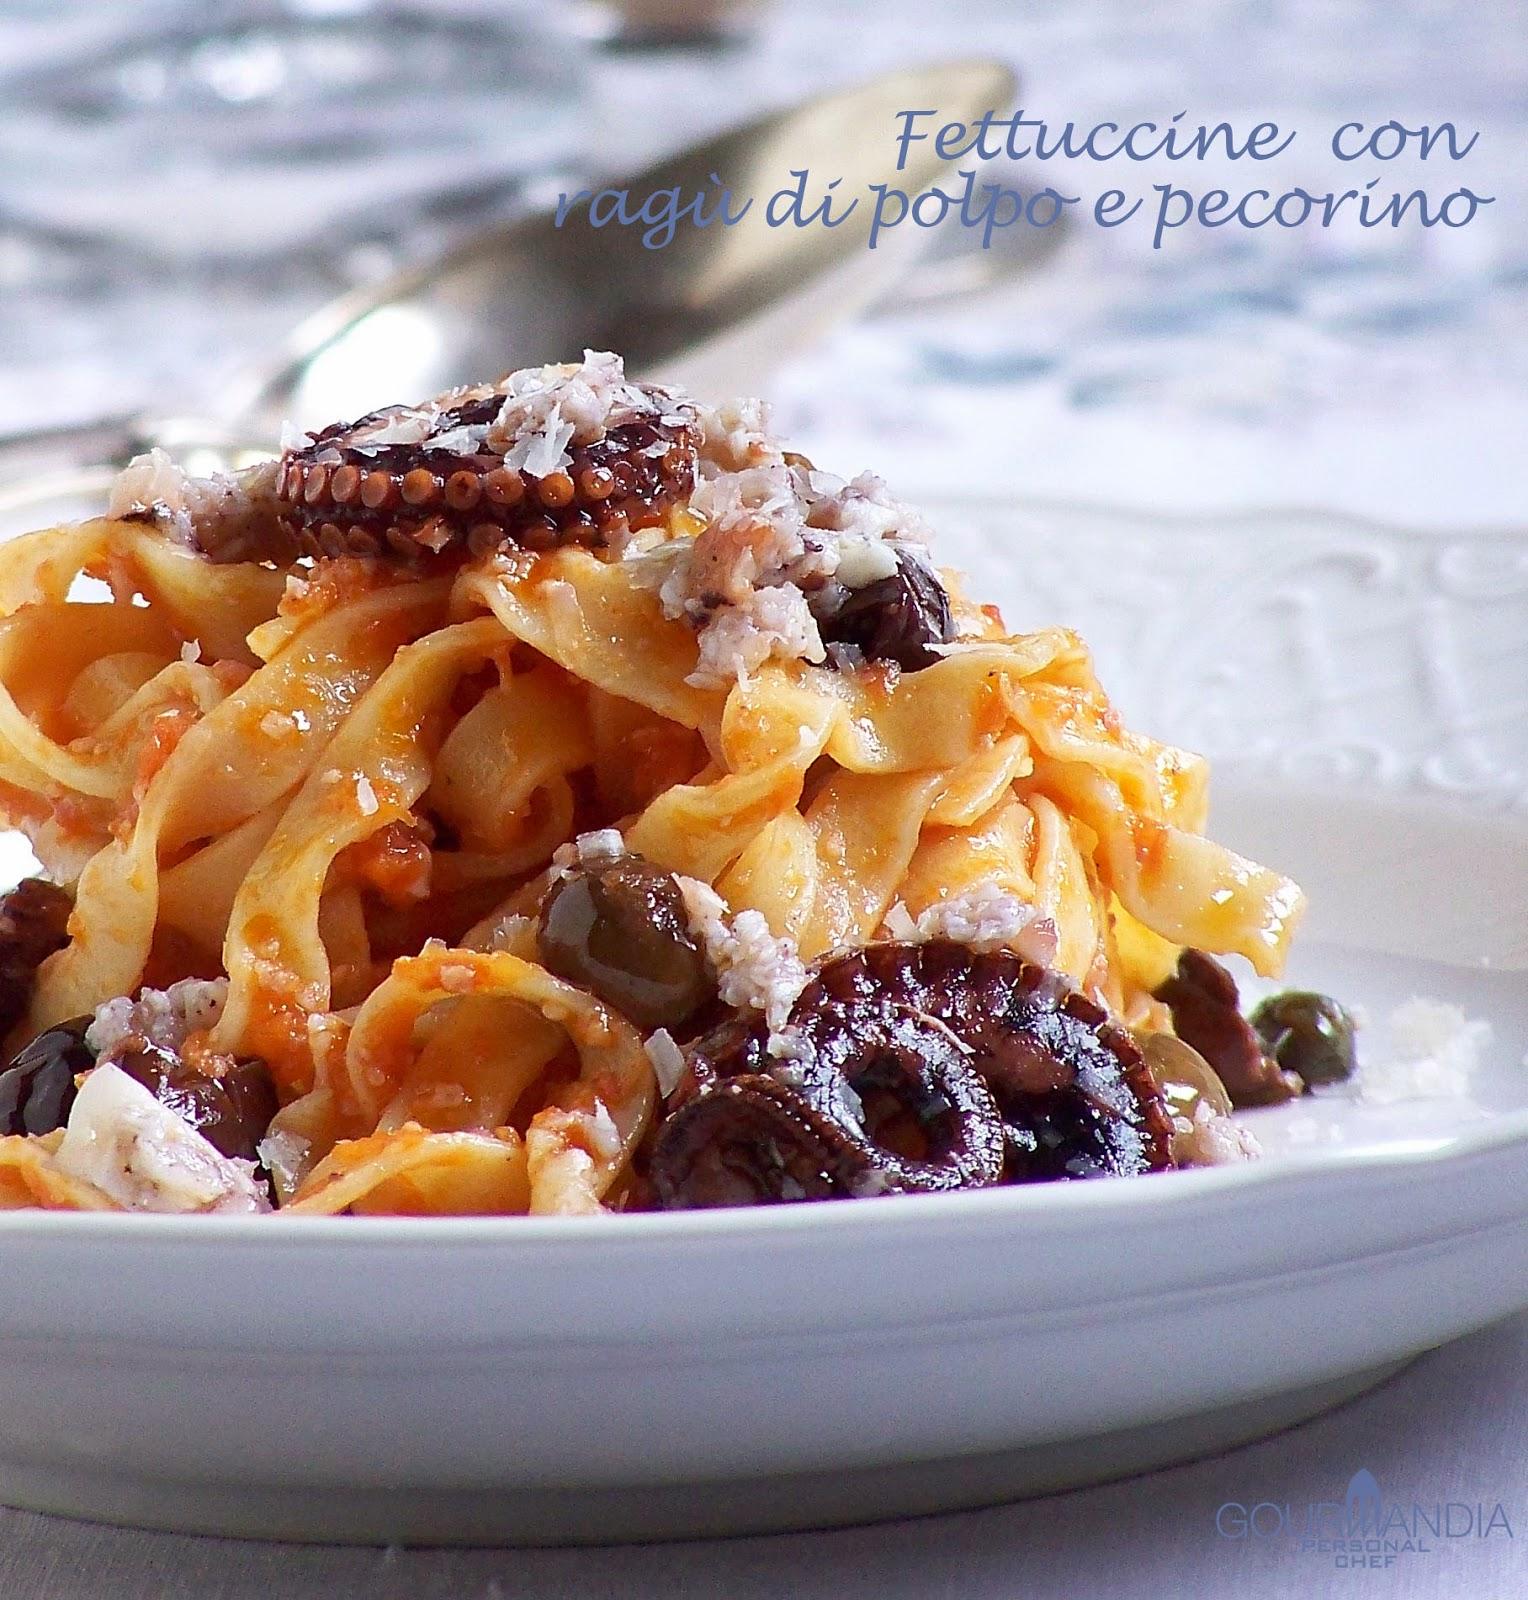 Fettuccine con rag di polpo e pecorino romano ricetta for Cibo tipico romano